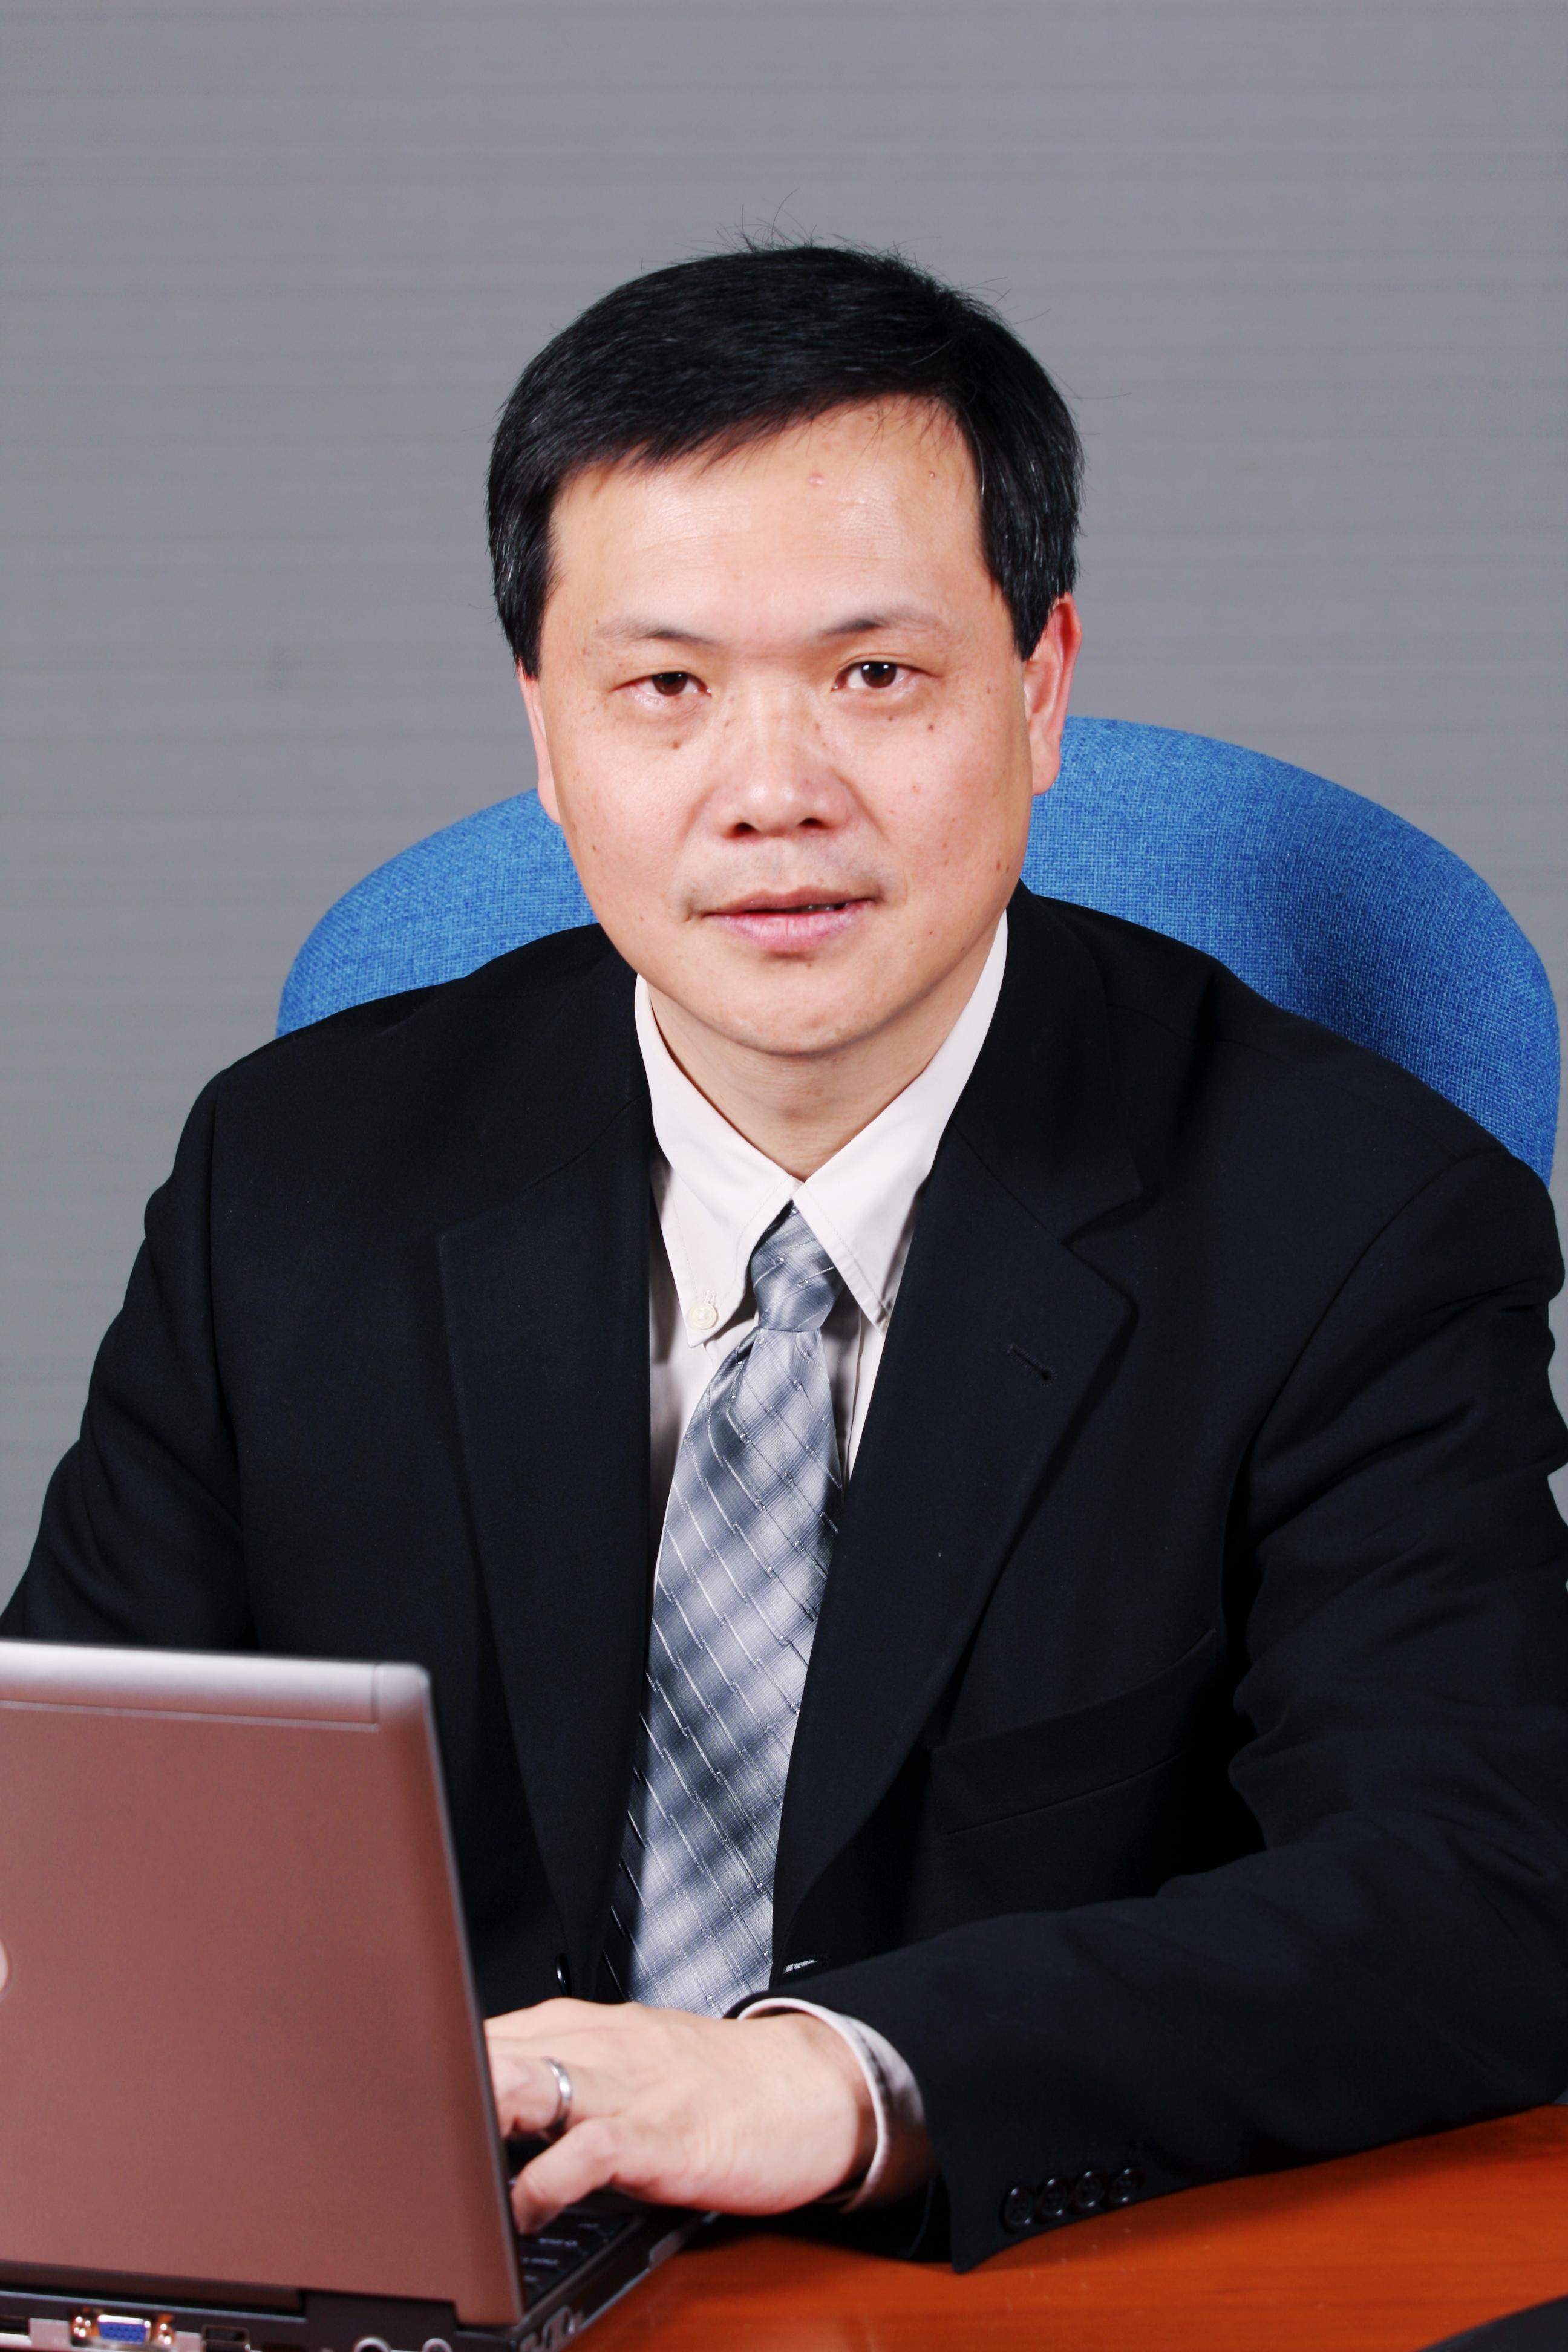 汽车产业商机无限,将带动电子产业全面发展